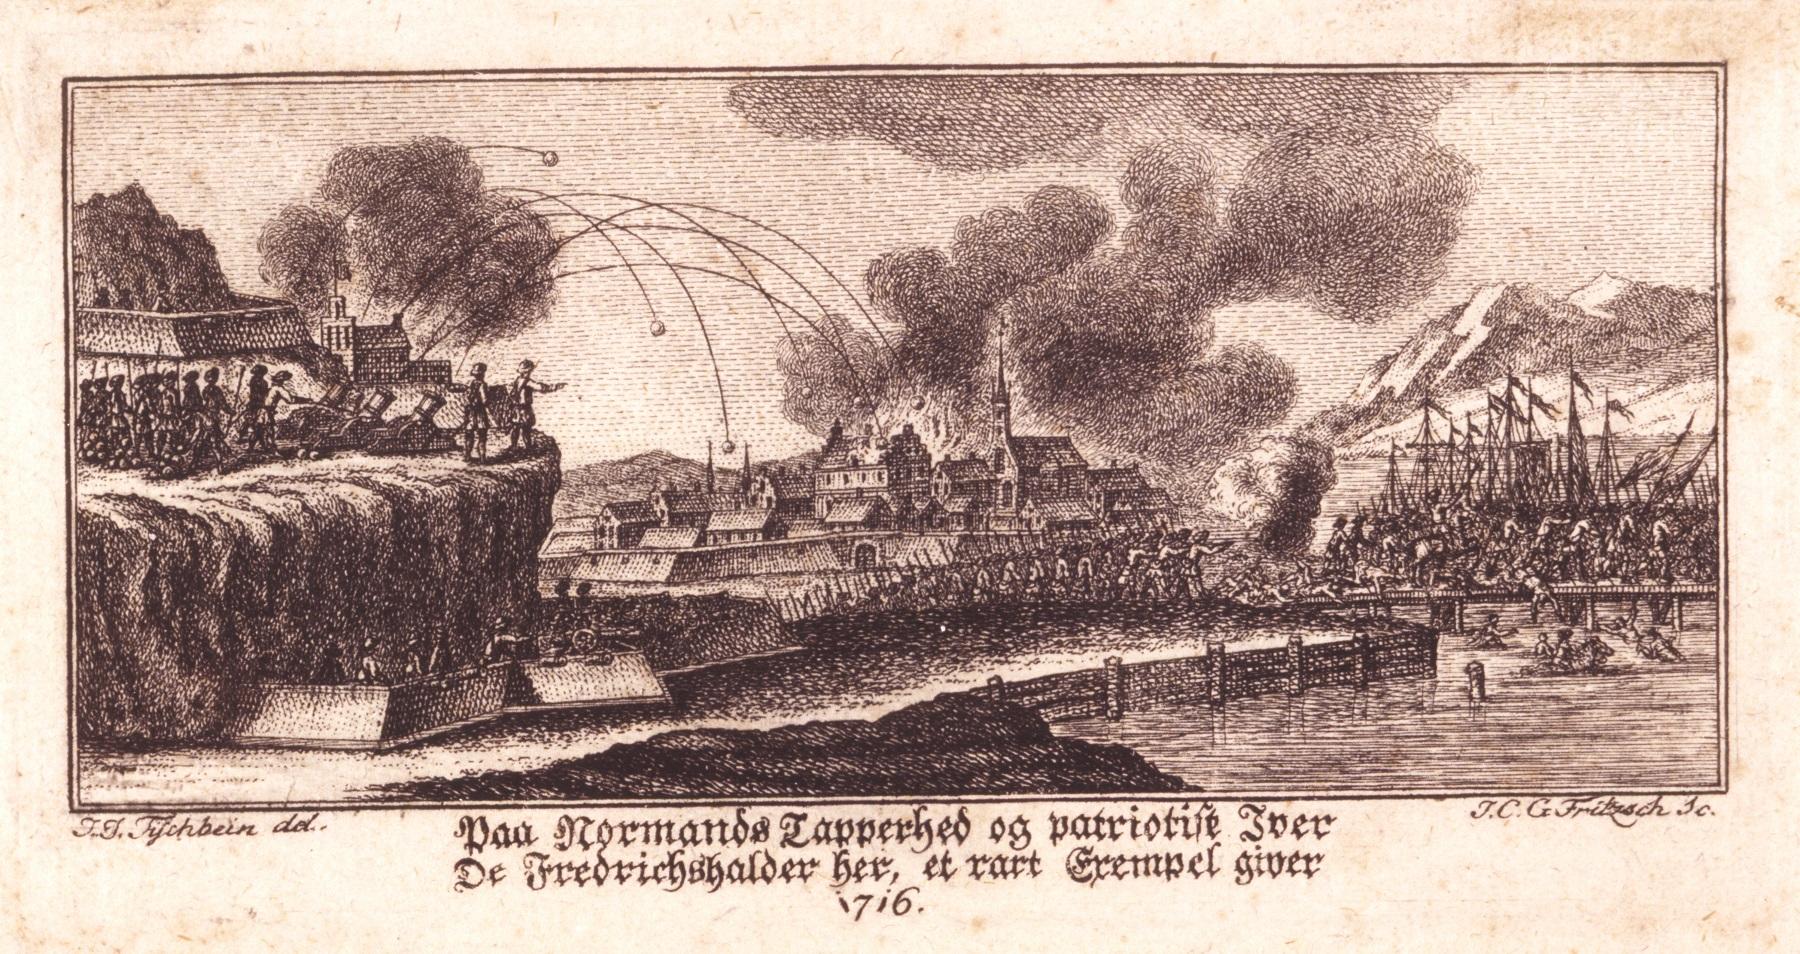 Angrepet på Halden. Bildet viser tre situasjoner i ett: Beskytingen av byen, brannen og svenskenes tilbaketrekning til Nordsiden. Kobberstikk av Johann Christian Gottfried Fritzsch (tysk, ca. 1720-1802) etter tegning av Johann Jacob Tischbein (tysk, 1724-1791).